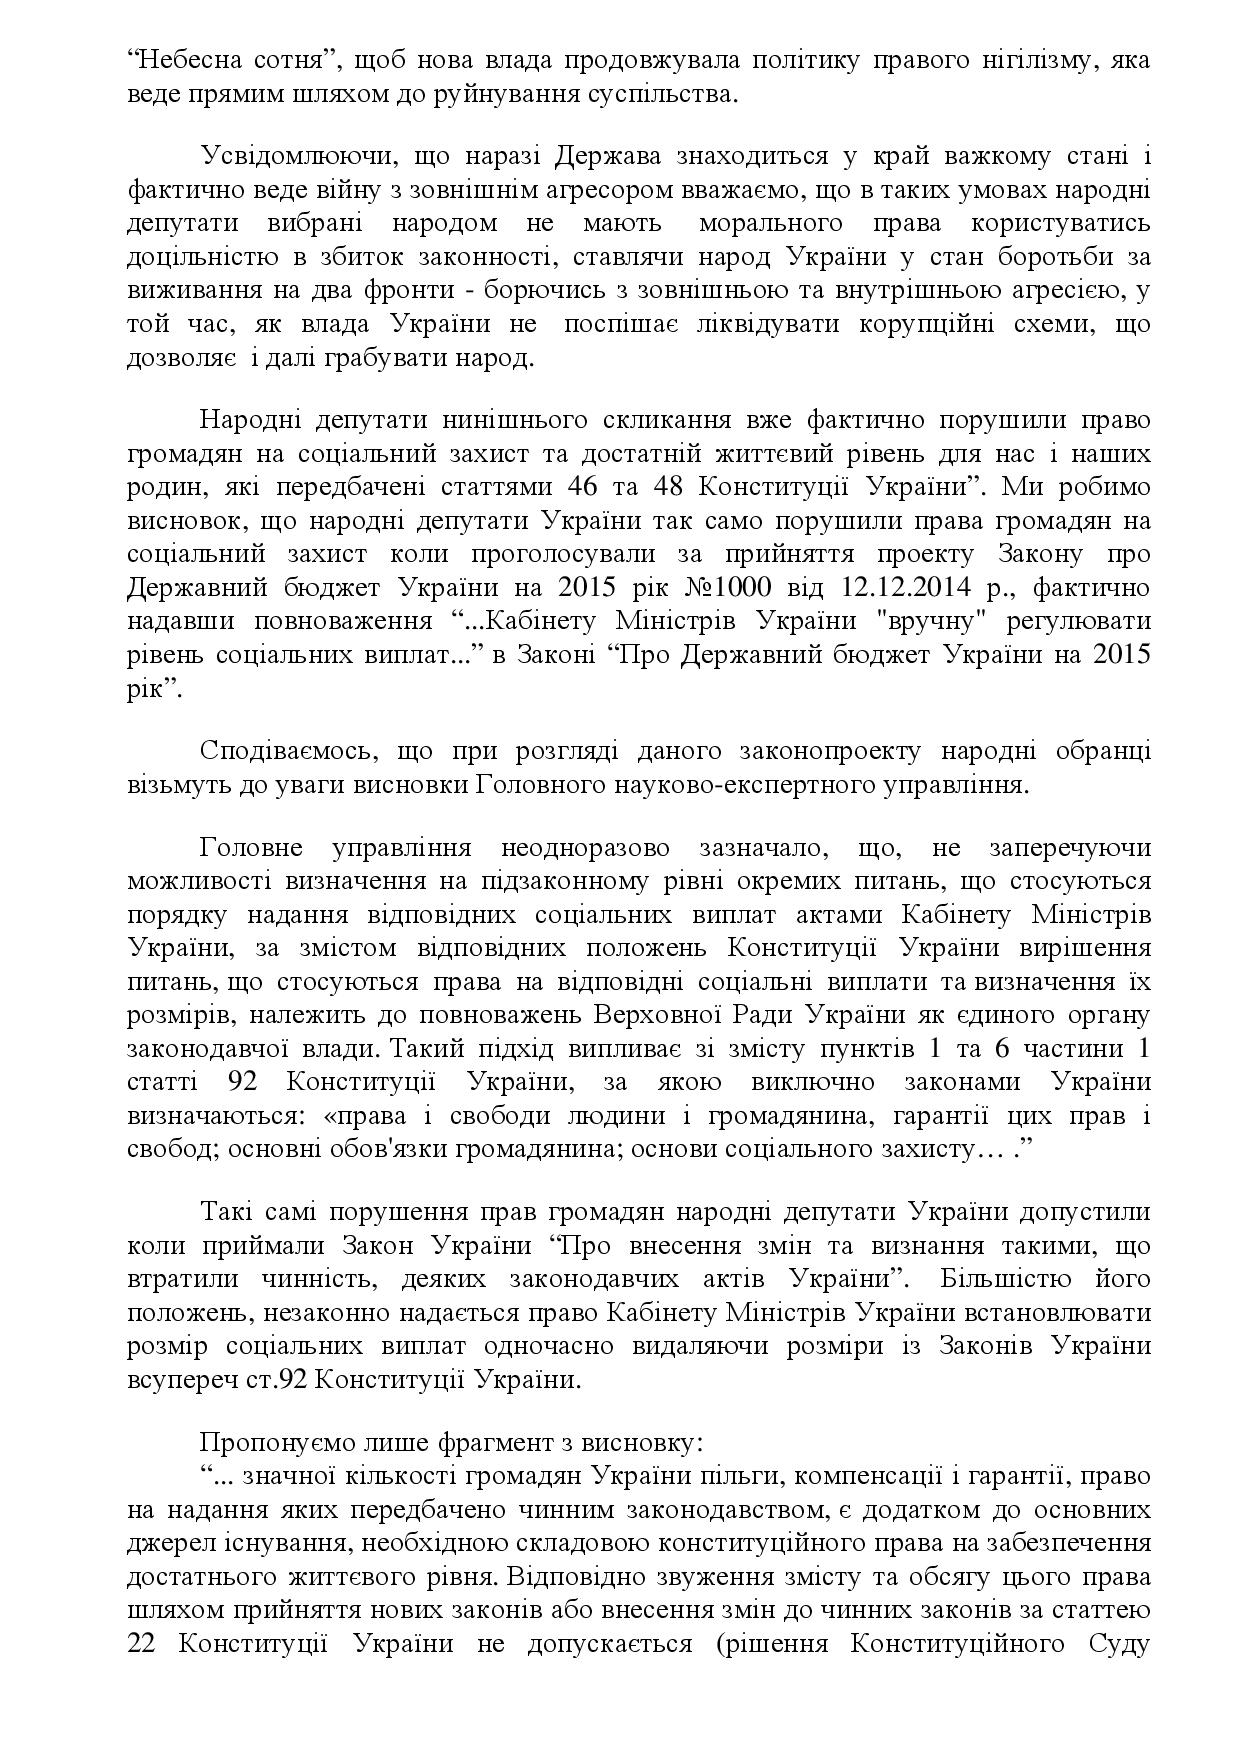 звернення до депутатів ВРУ2.jpg